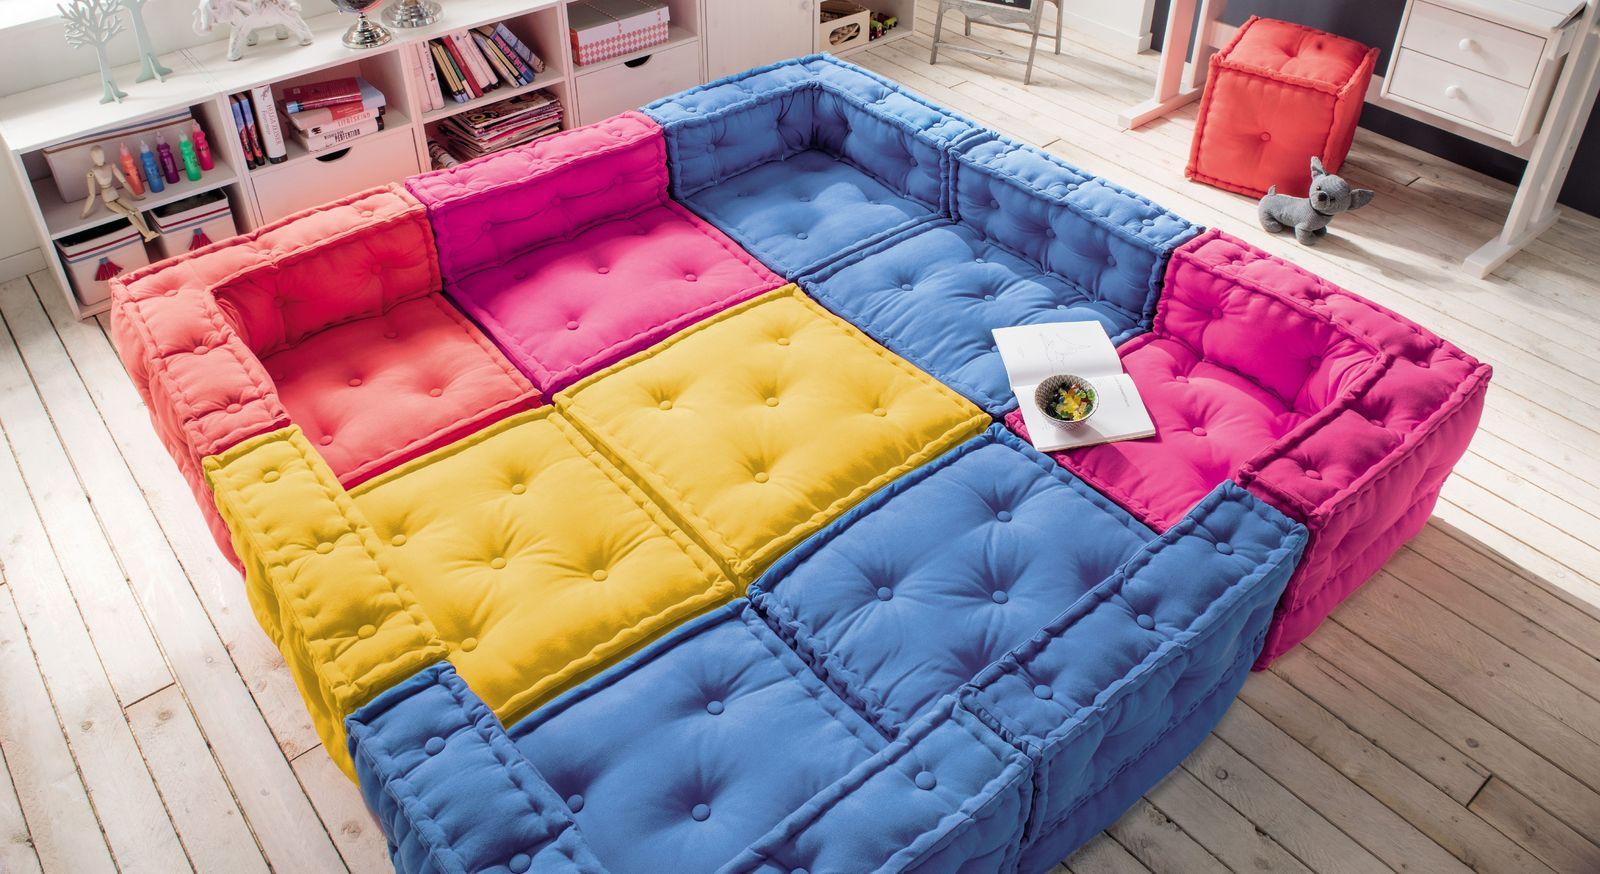 Sitzkissen-Sofa Kids Paradise als komfortable Wohnlandschaft